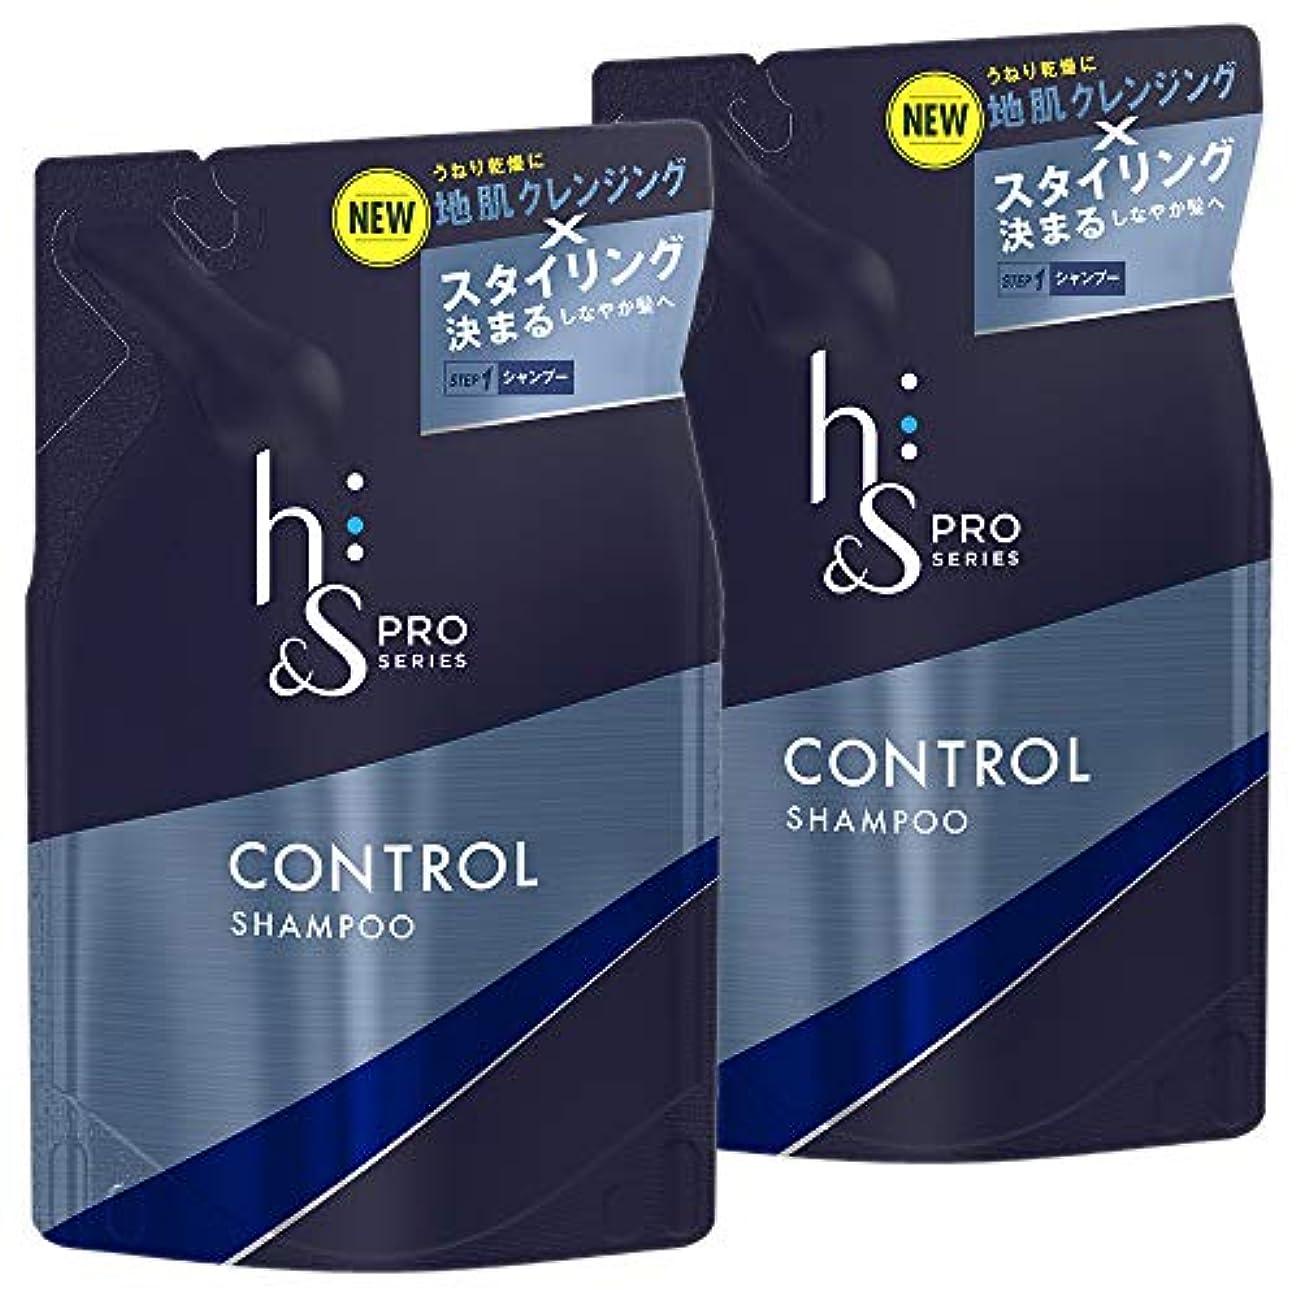 地震通行人買う【まとめ買い】 h&s for men シャンプー PRO Series コントロール 詰め替え 300mL×2個